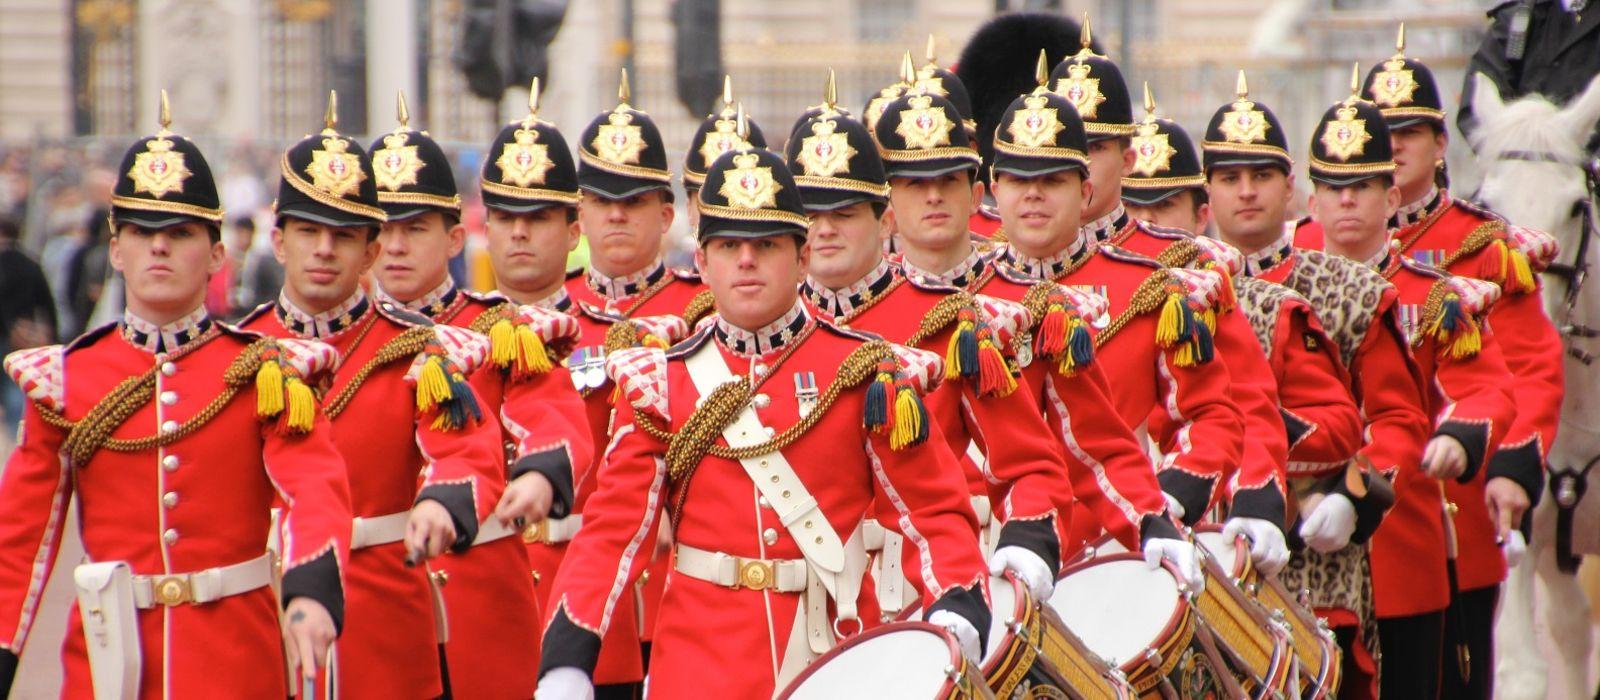 Enchanting Travels UK & Ireland Tours Guards